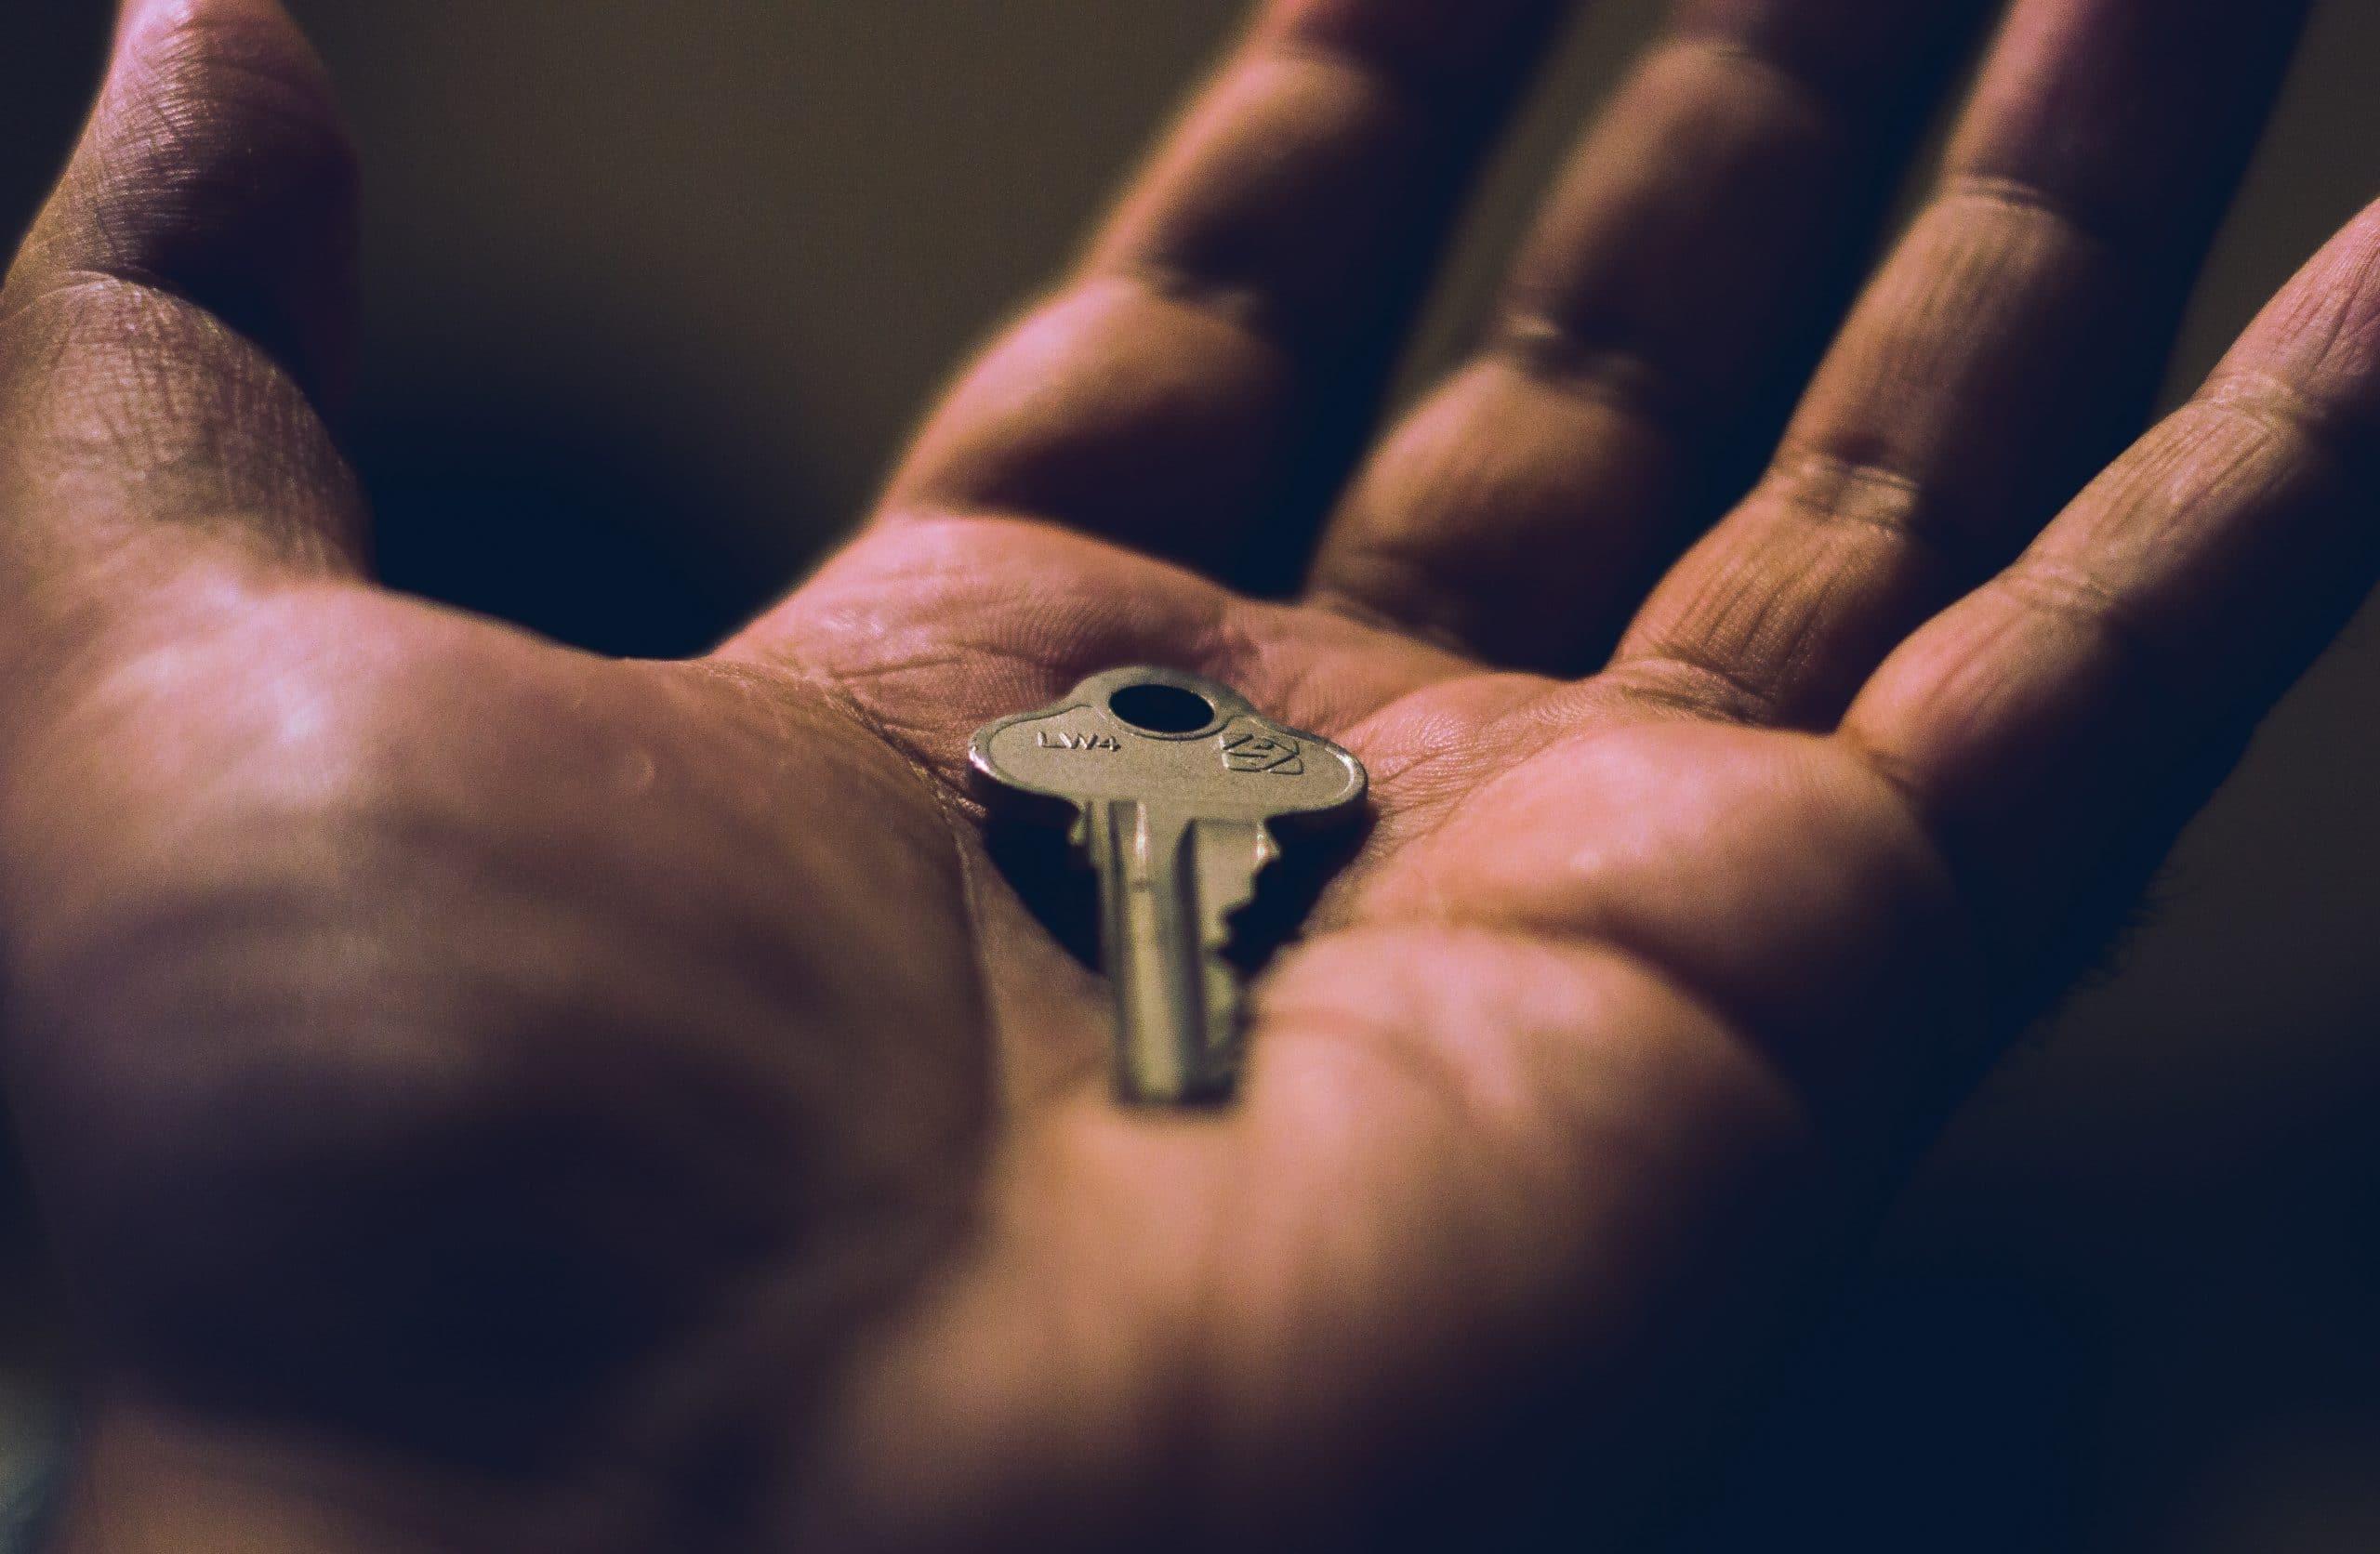 Mão aberta com uma chave na palma.